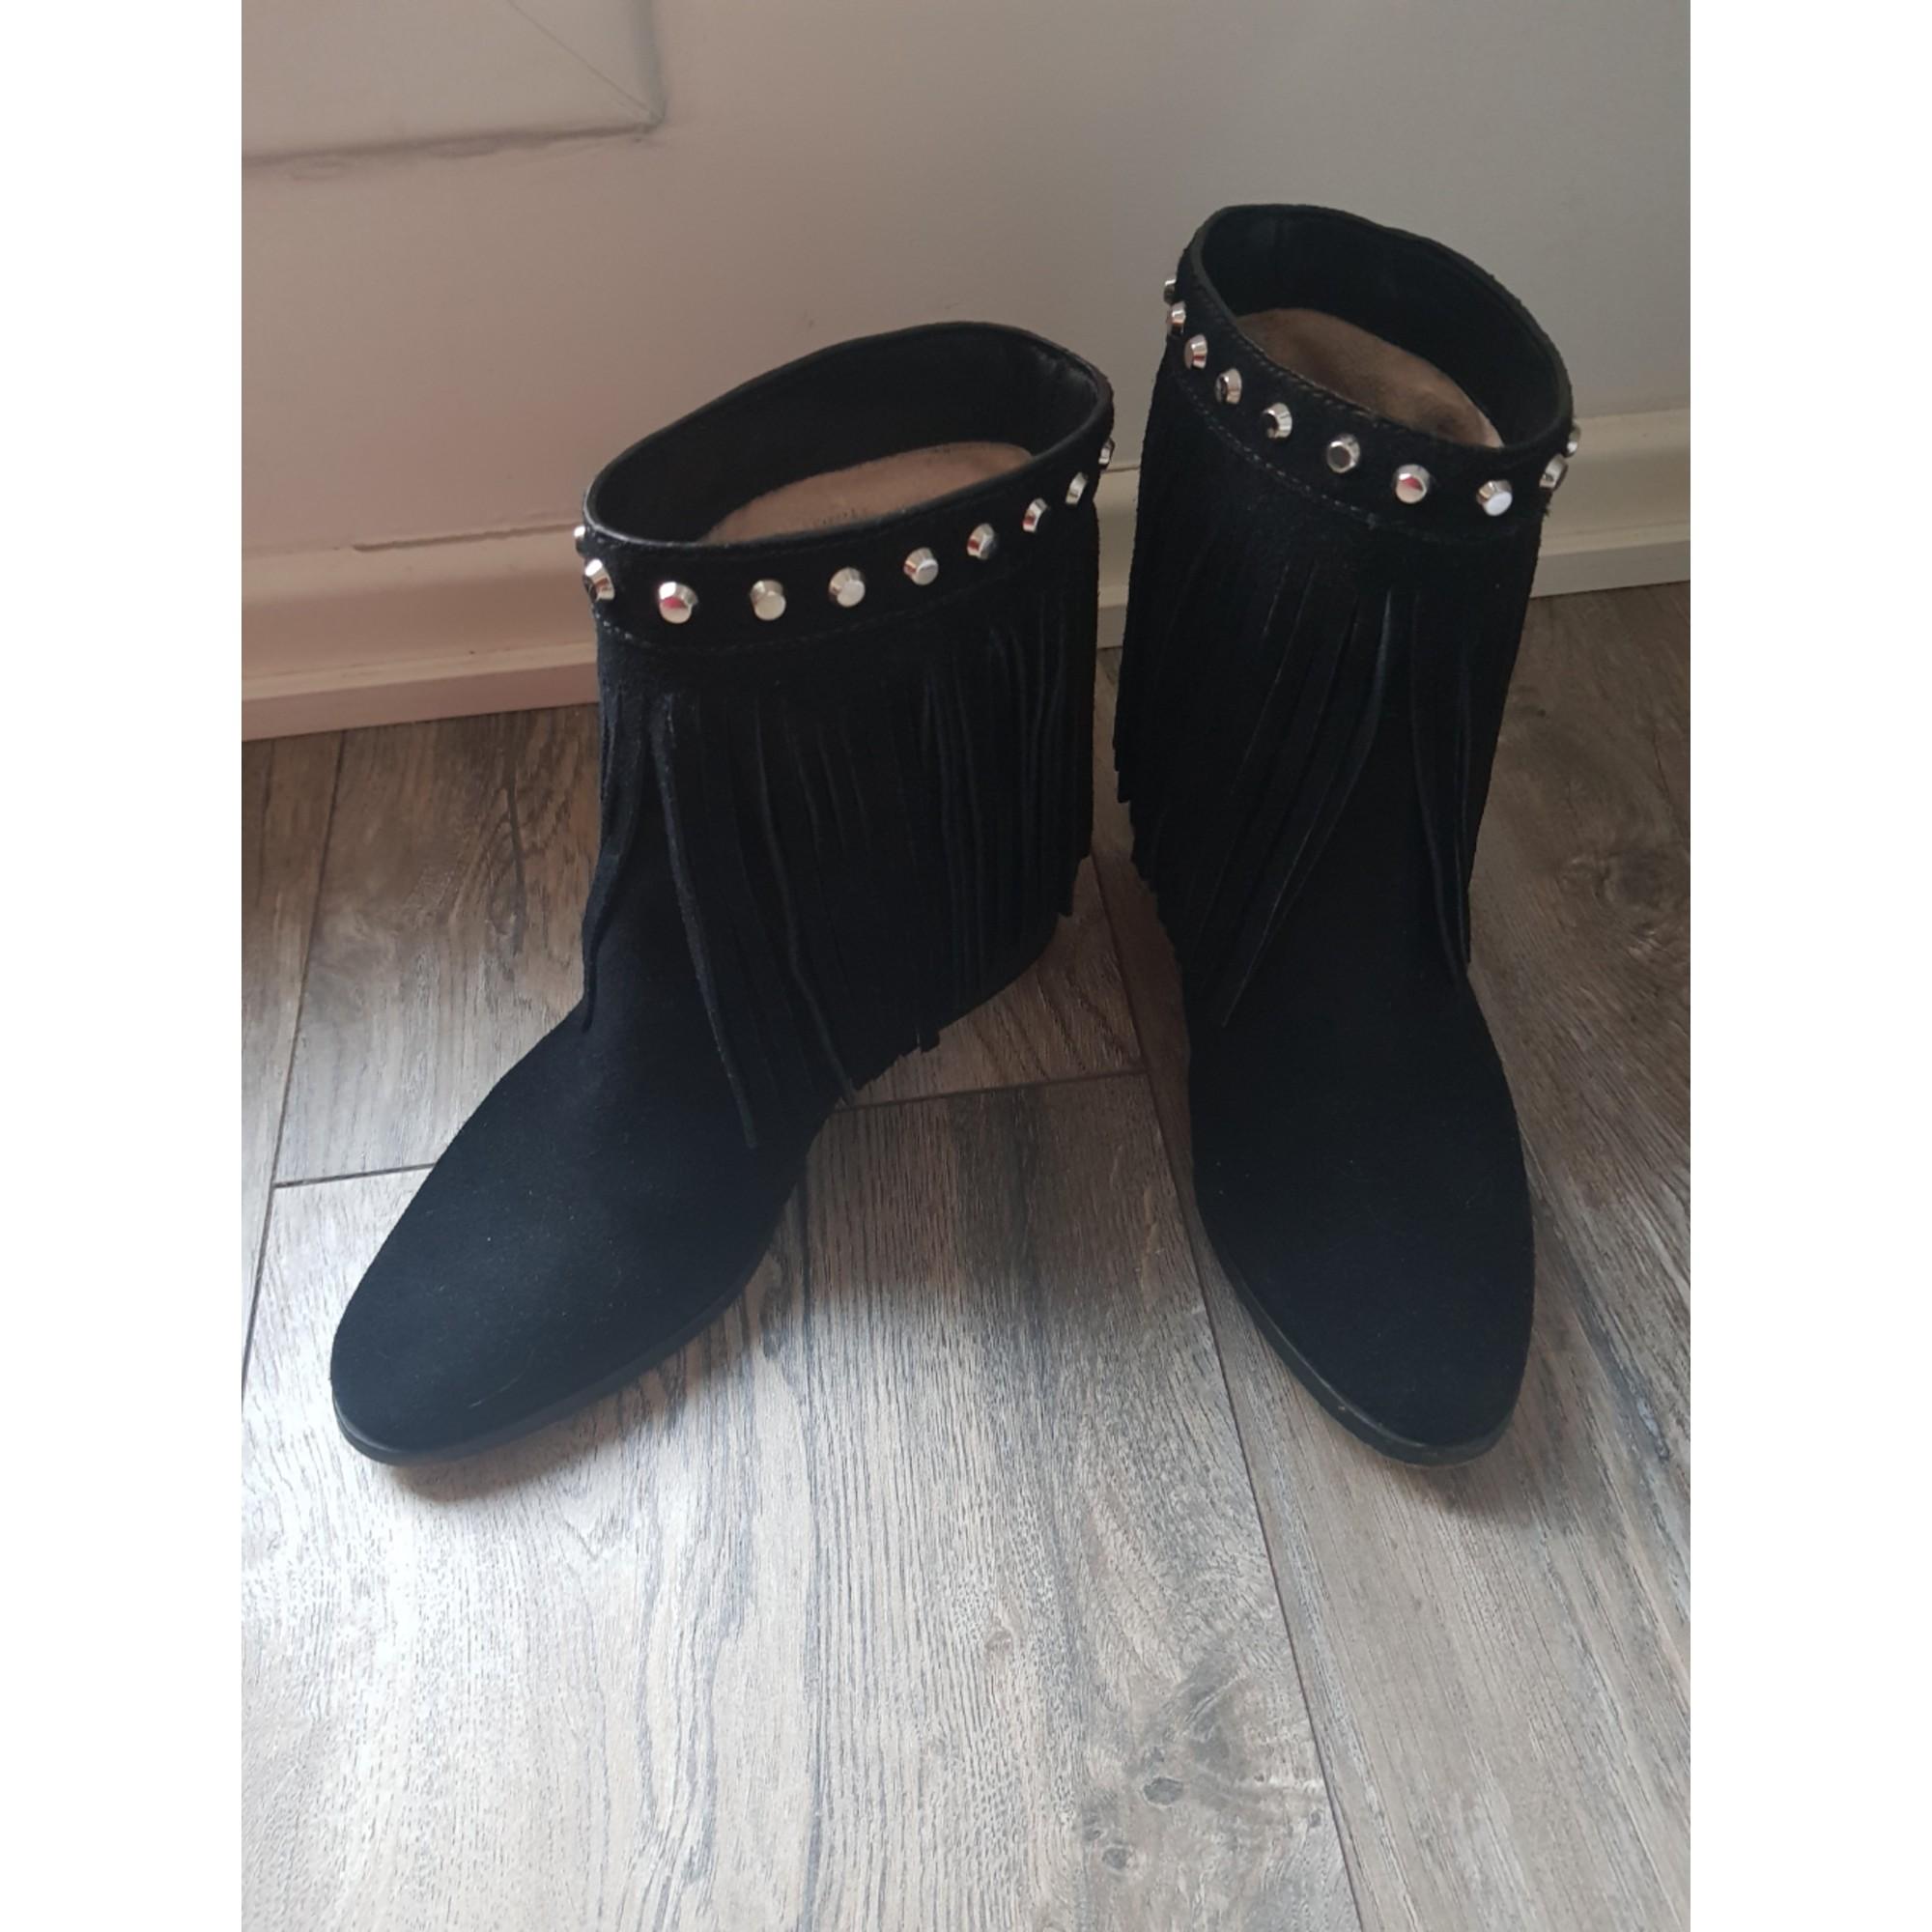 Cowboy Ankle Boots MICHAEL KORS Black